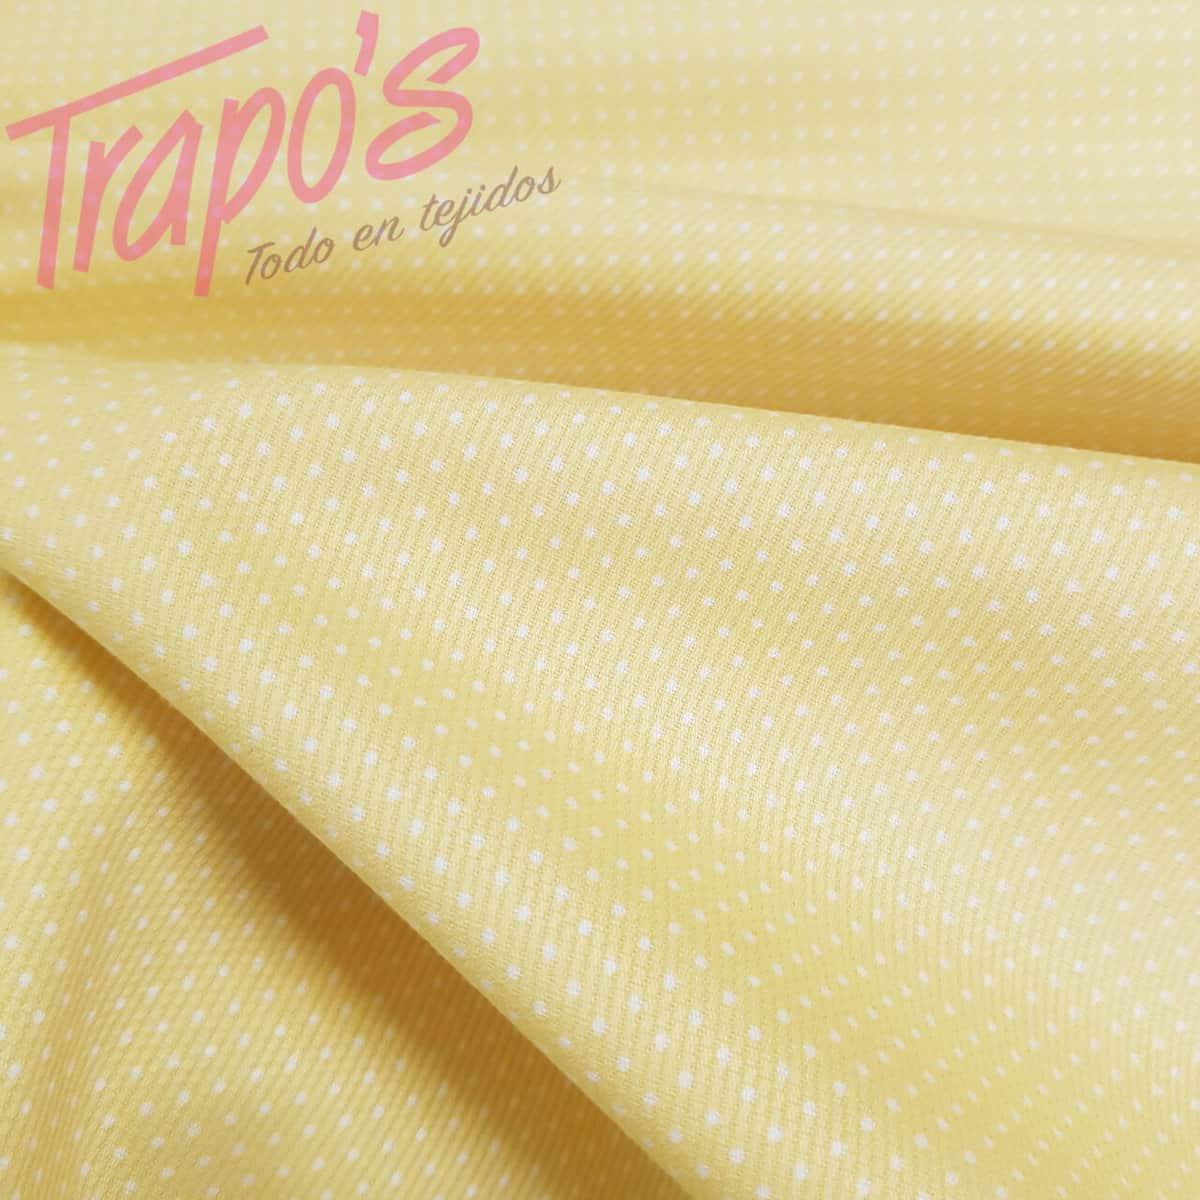 PIQUE-AMARILLO-TOPOS3